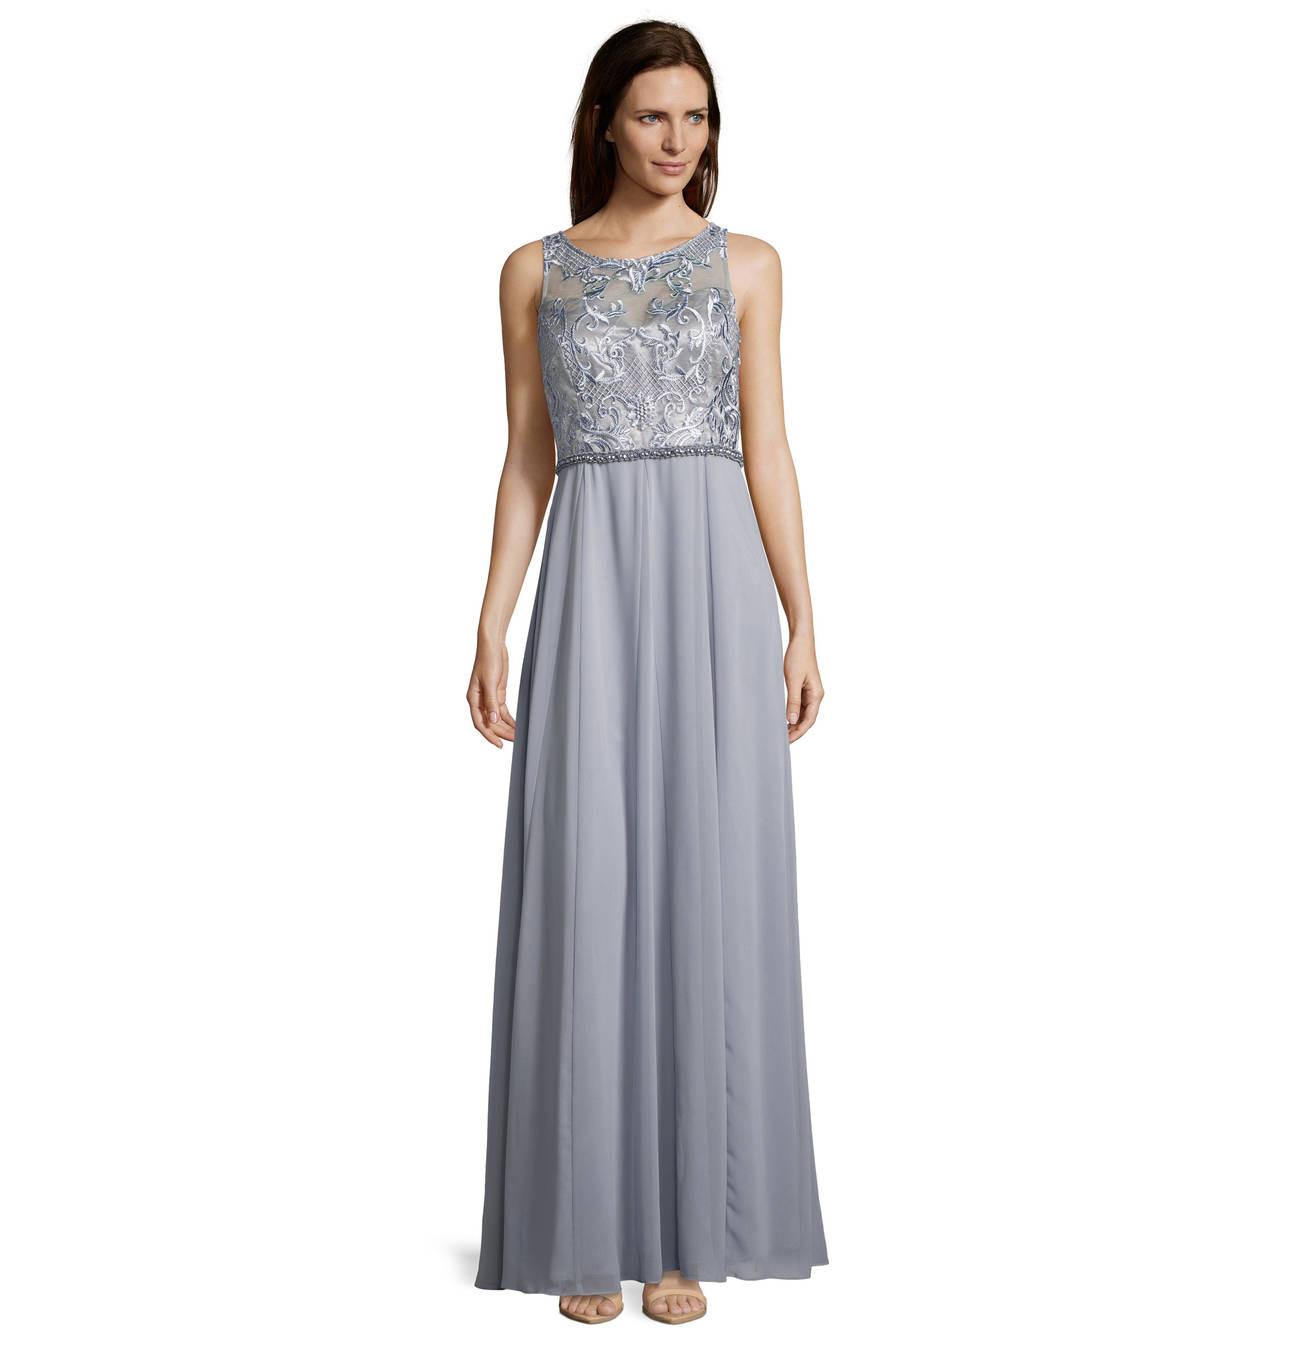 17 Spektakulär V.M. Abendkleid Spezialgebiet15 Ausgezeichnet V.M. Abendkleid Spezialgebiet